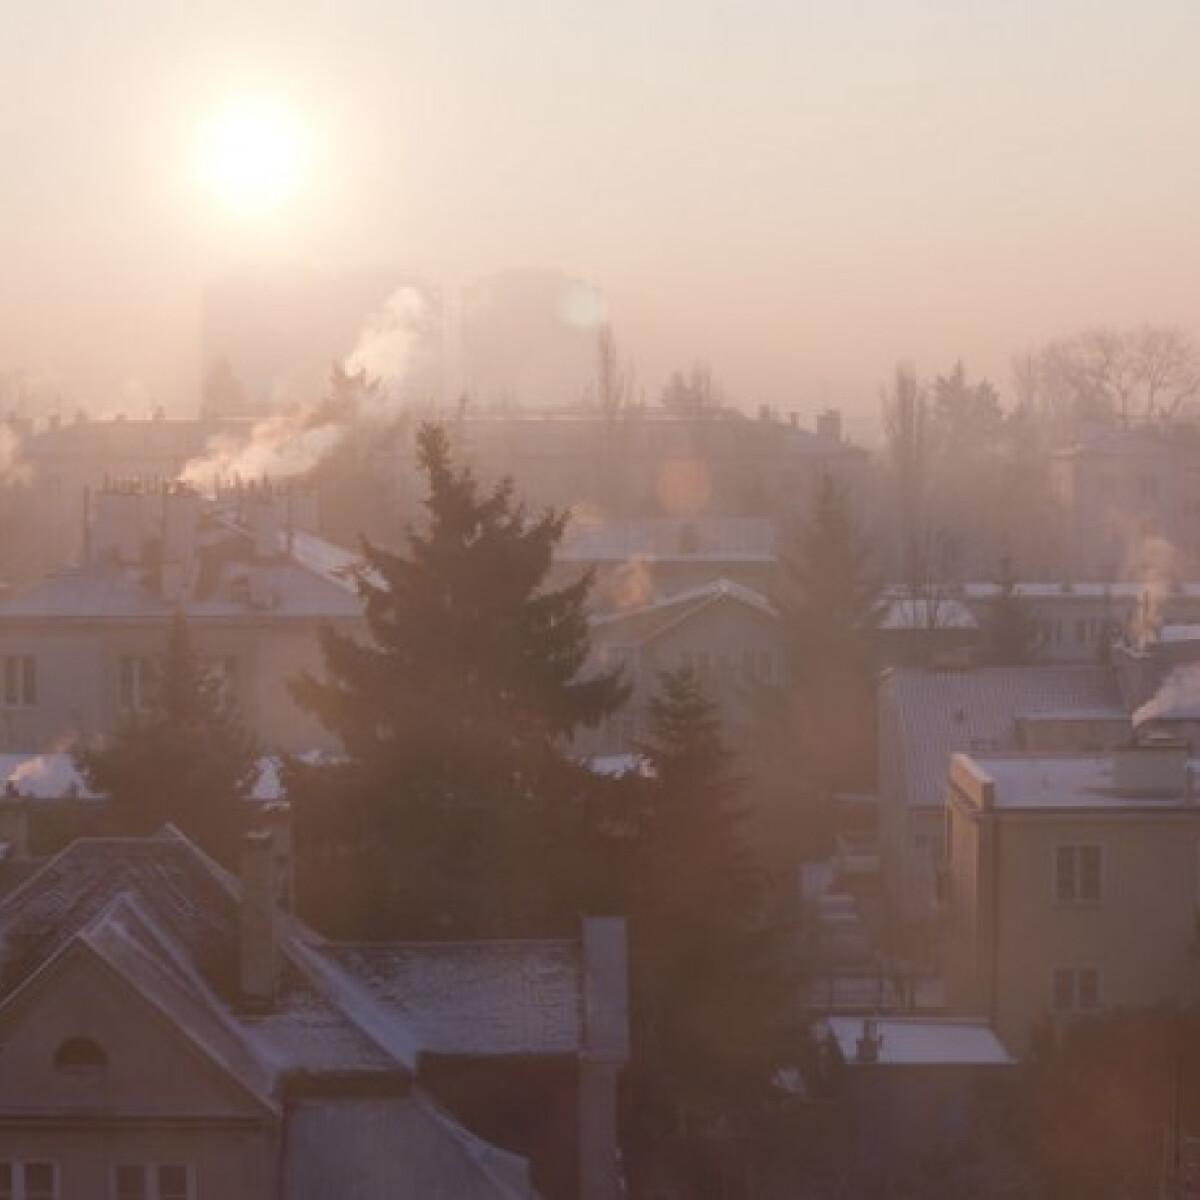 Szmogriadó! 5 tipp, hogy maradj egészséges a szennyezett levegőben